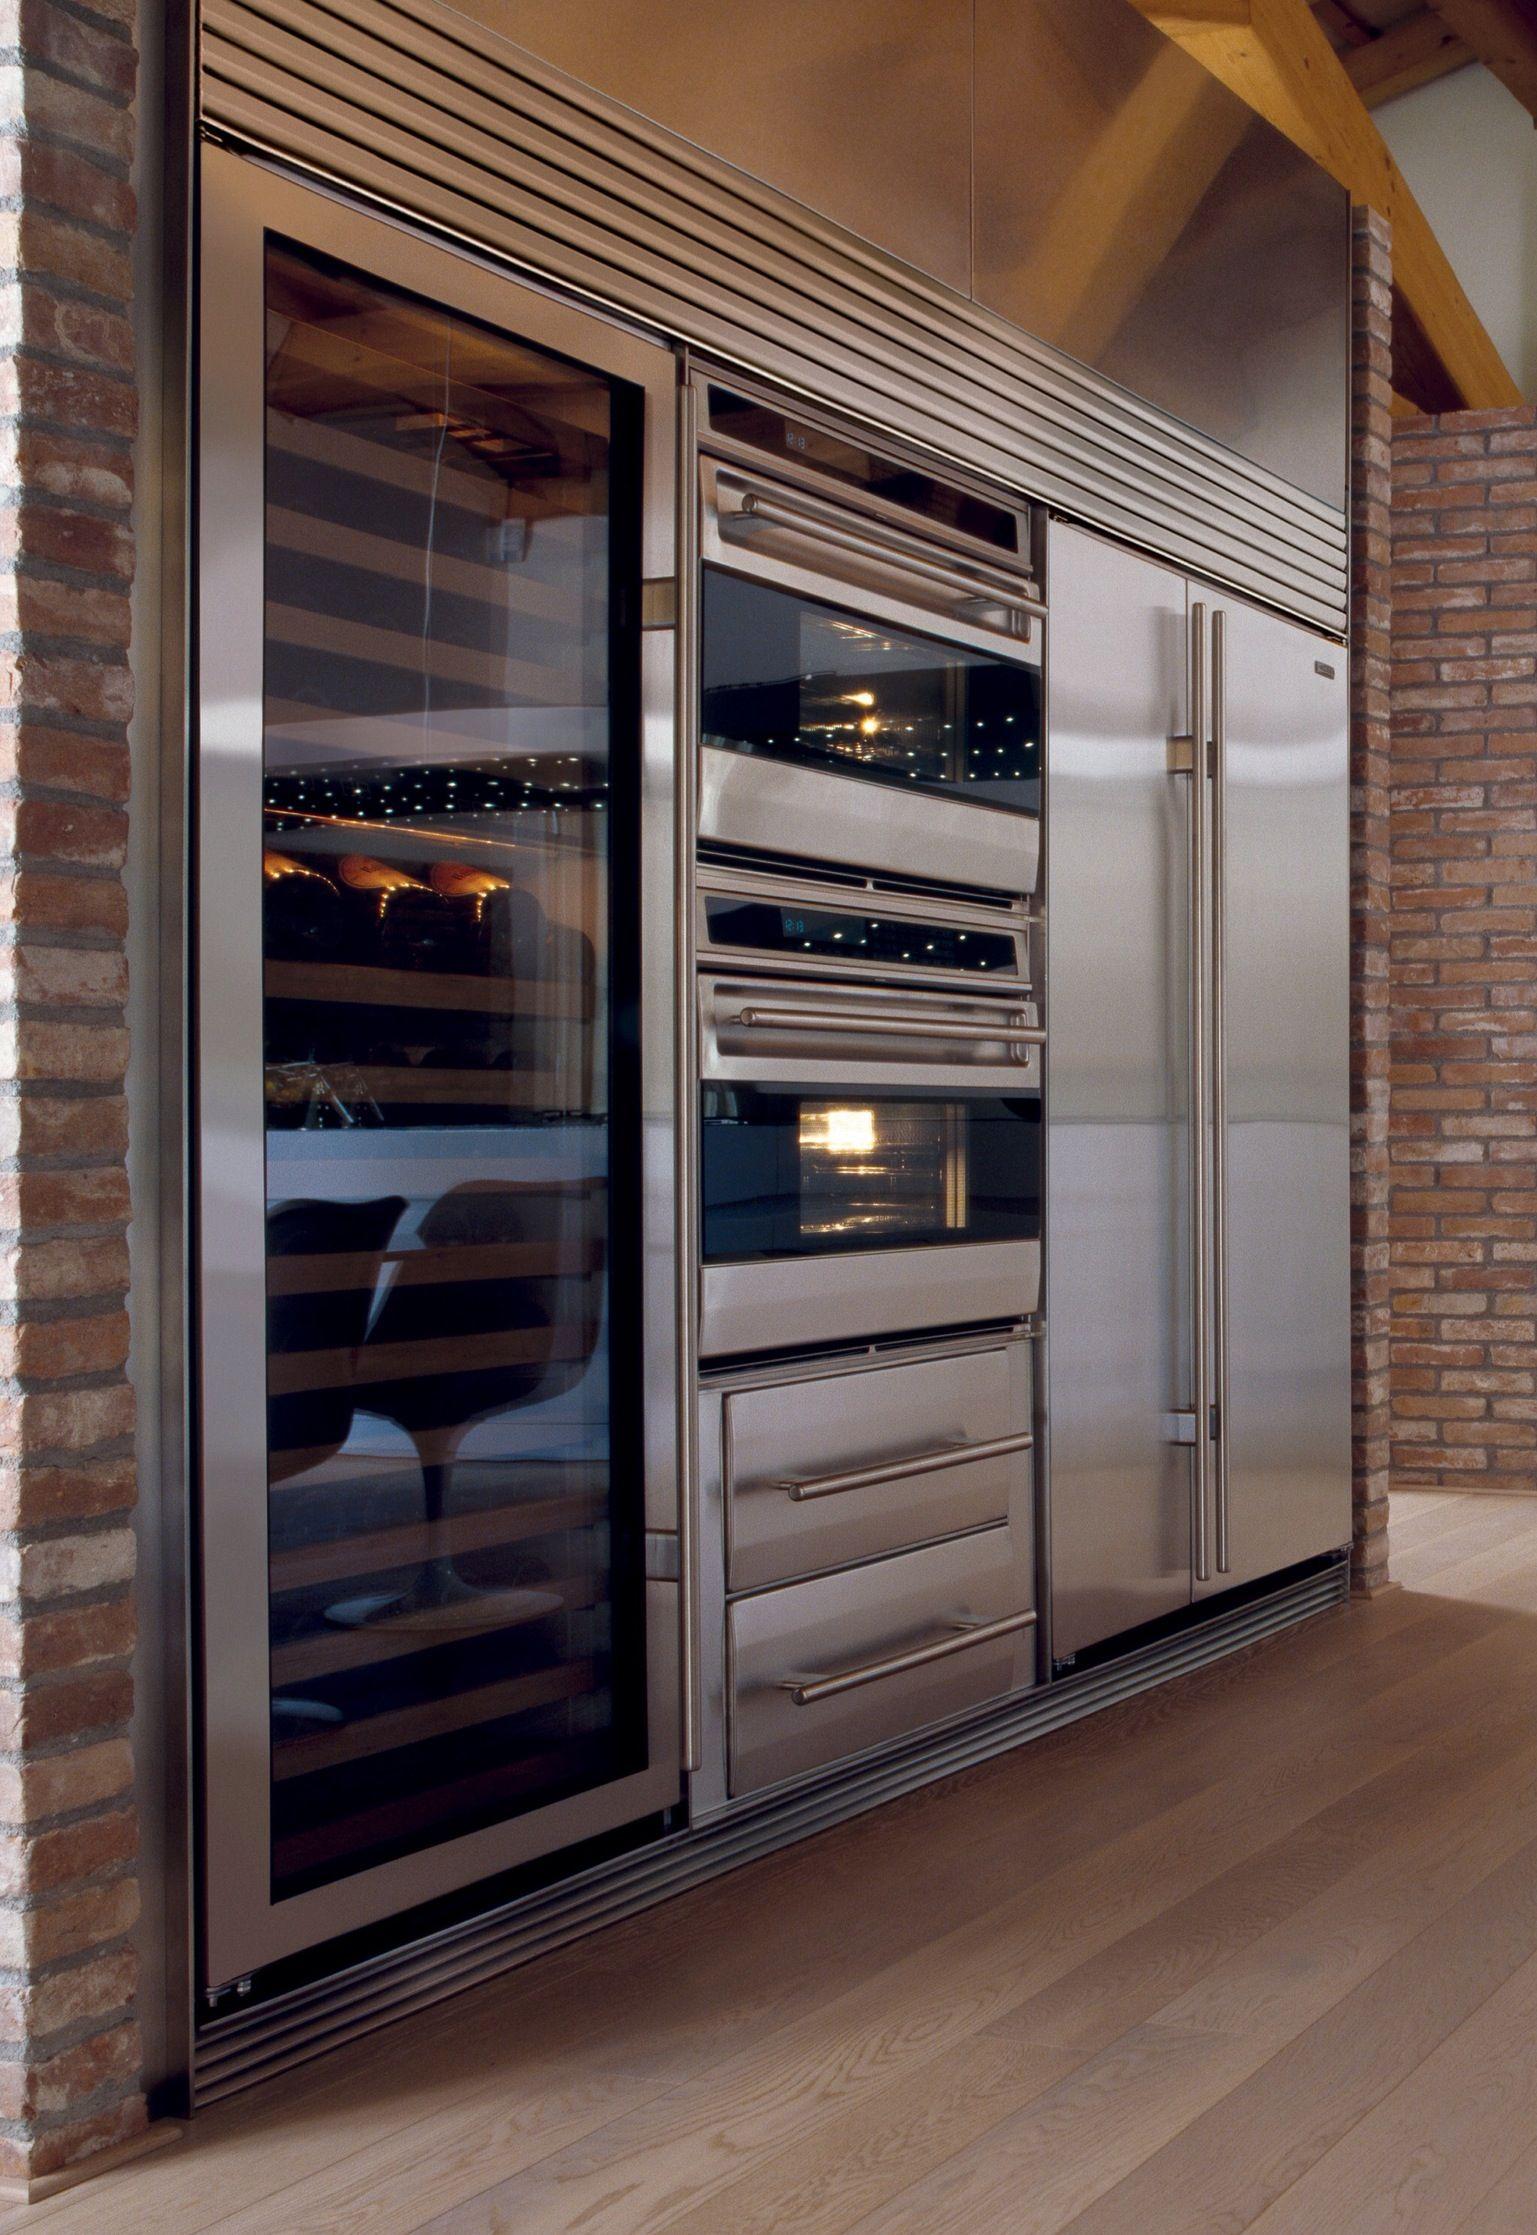 Sub-Zero ICBWS30 / S / TH / RH Weinschrank   – Kitchen /Pantry ideas